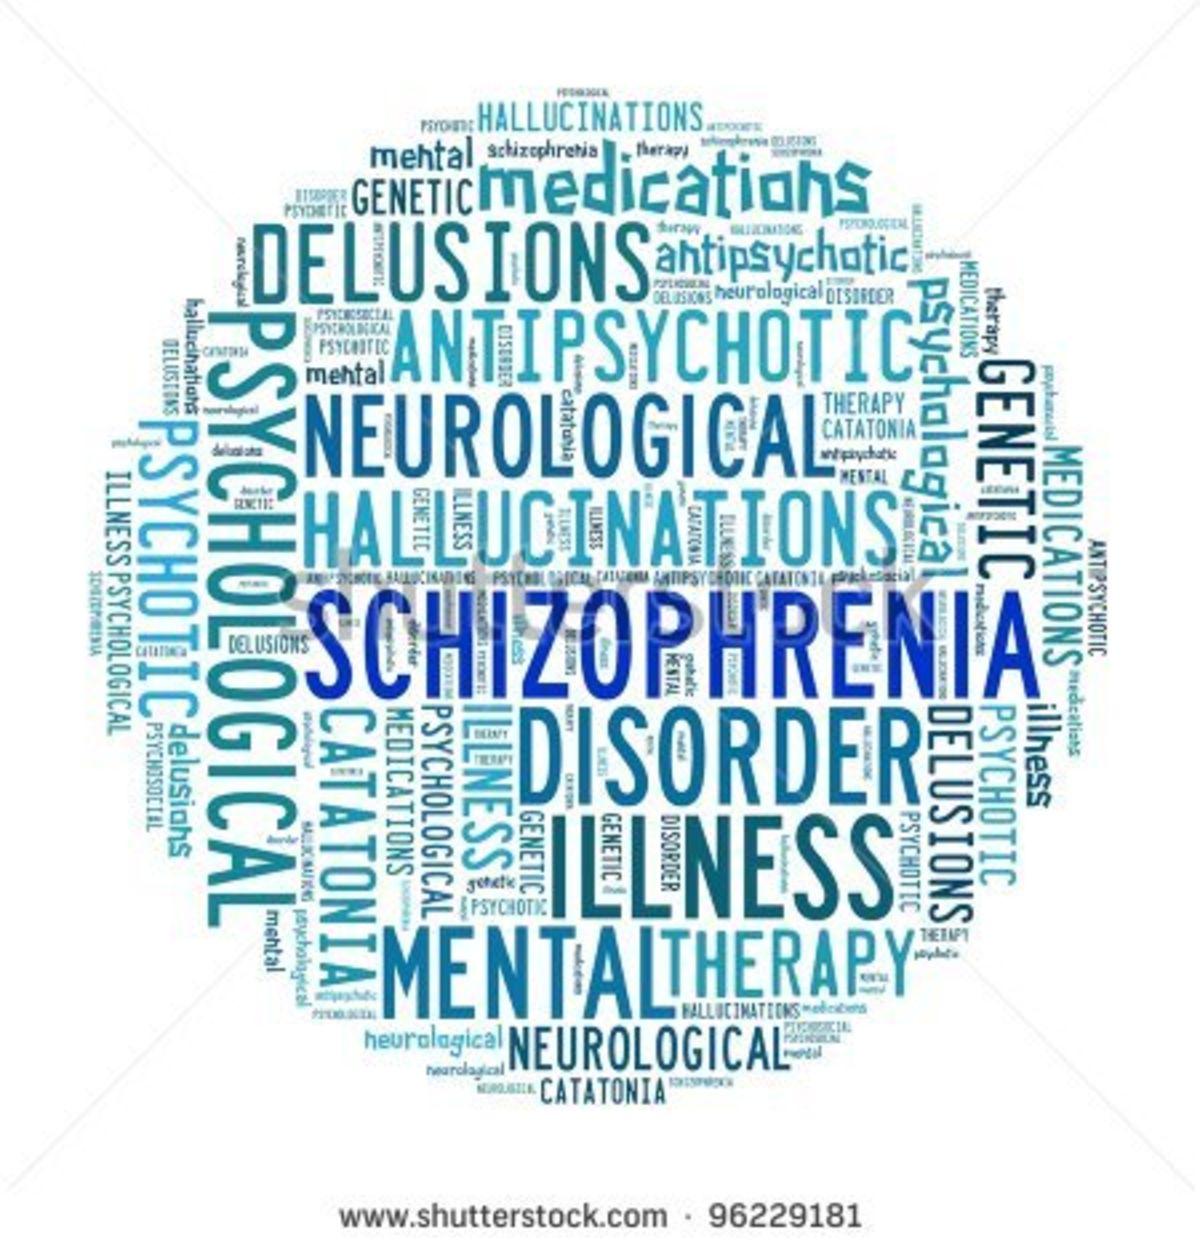 Antibiotics Found Effective in Schizophrenia | Psychology Today